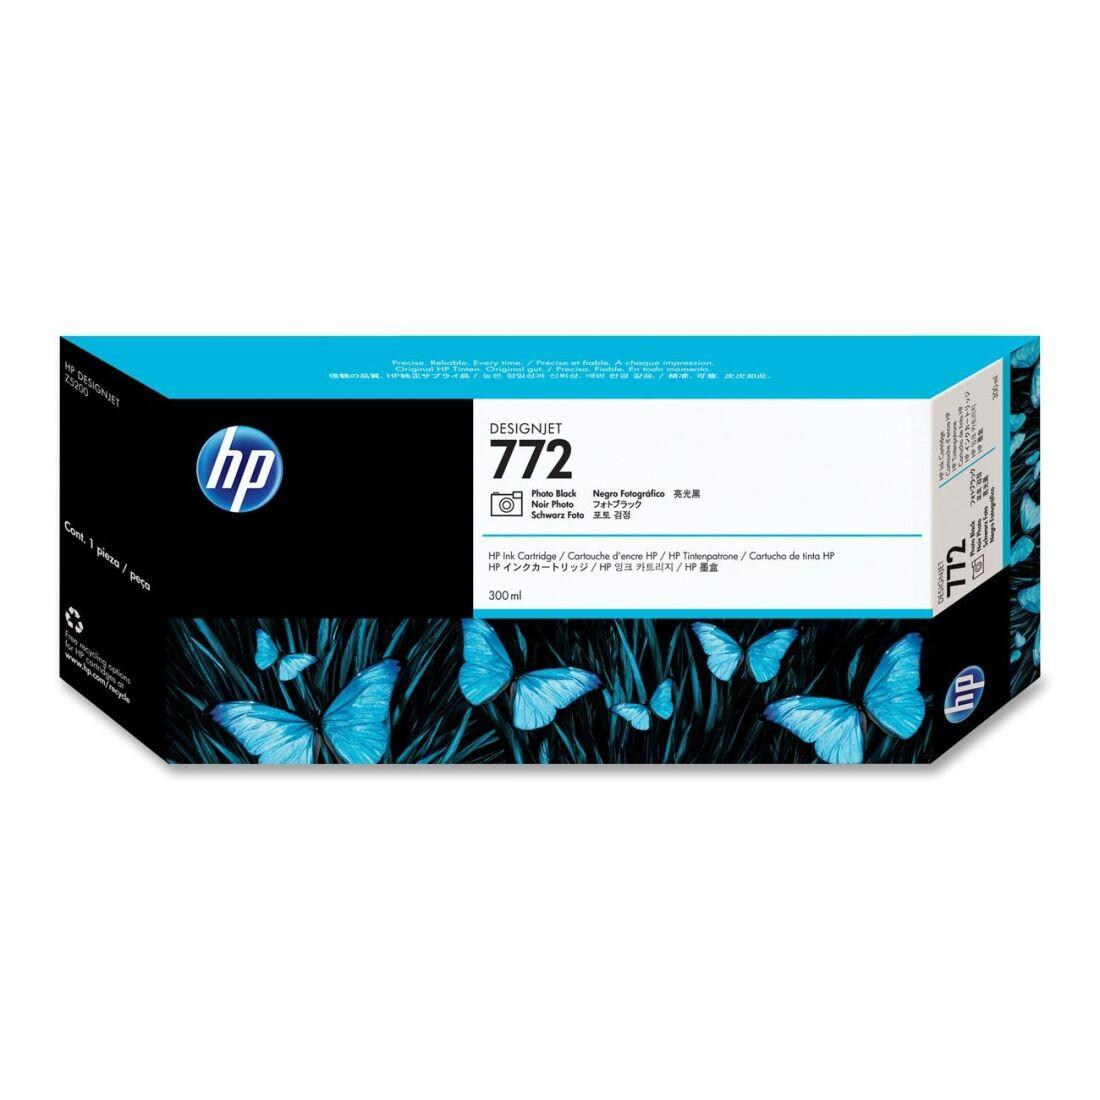 HP Cartouche encre noire photo n°772 - 300 ml